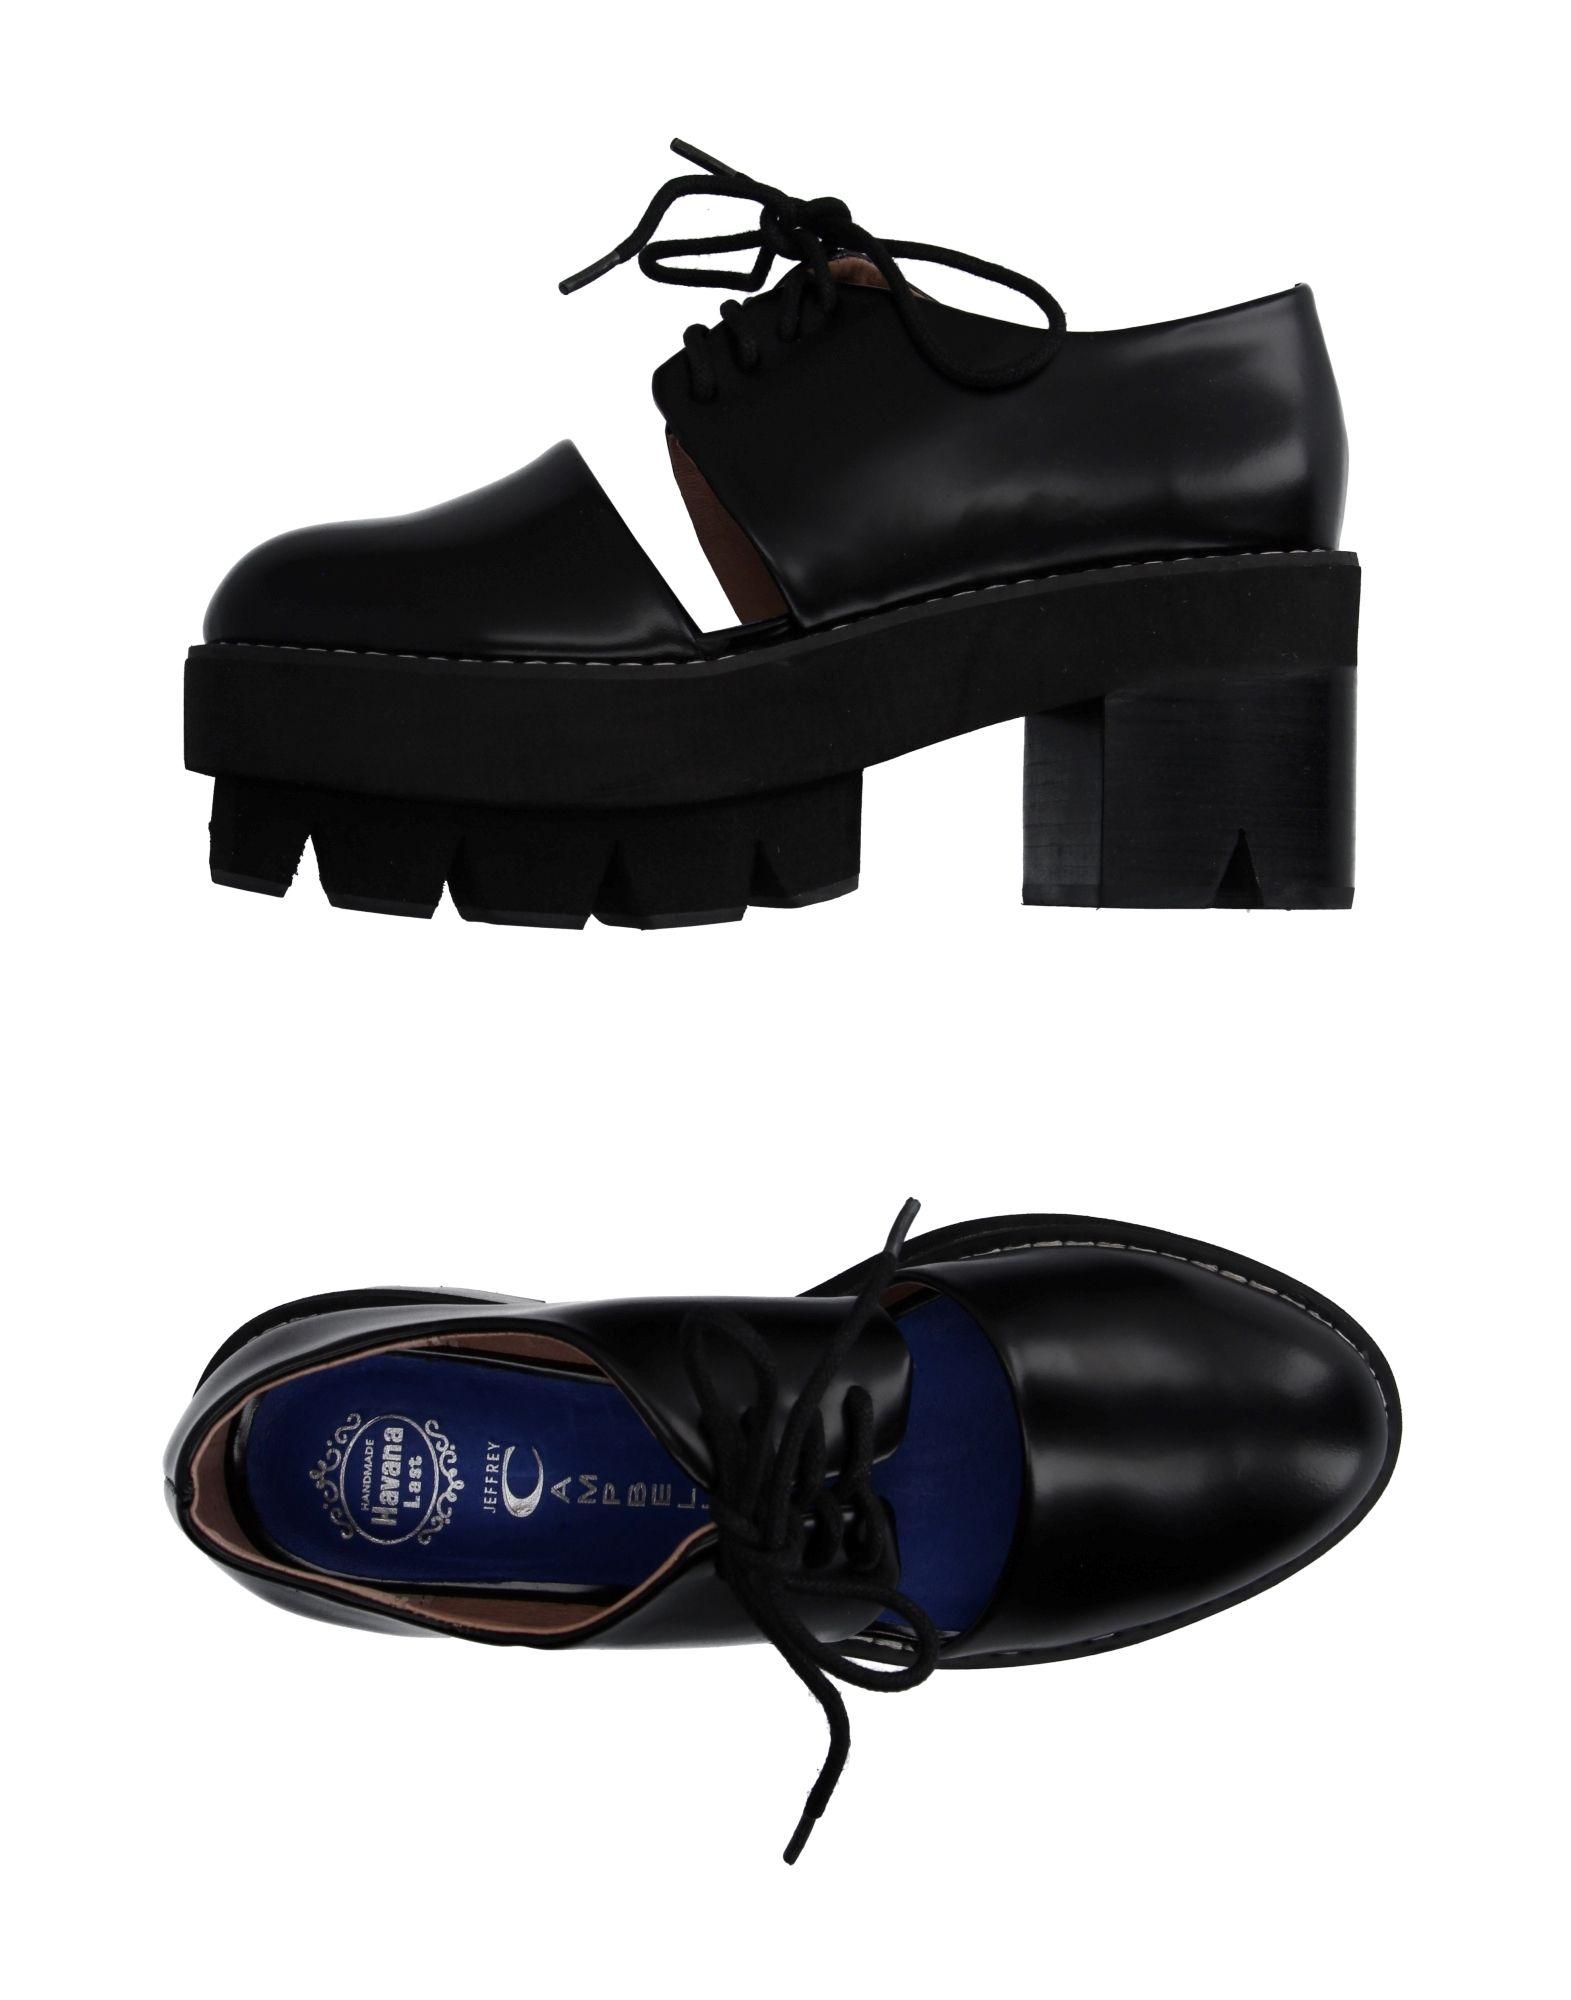 Jeffrey Campbell Schnürschuhe Damen  11052457EI Gute Qualität beliebte Schuhe